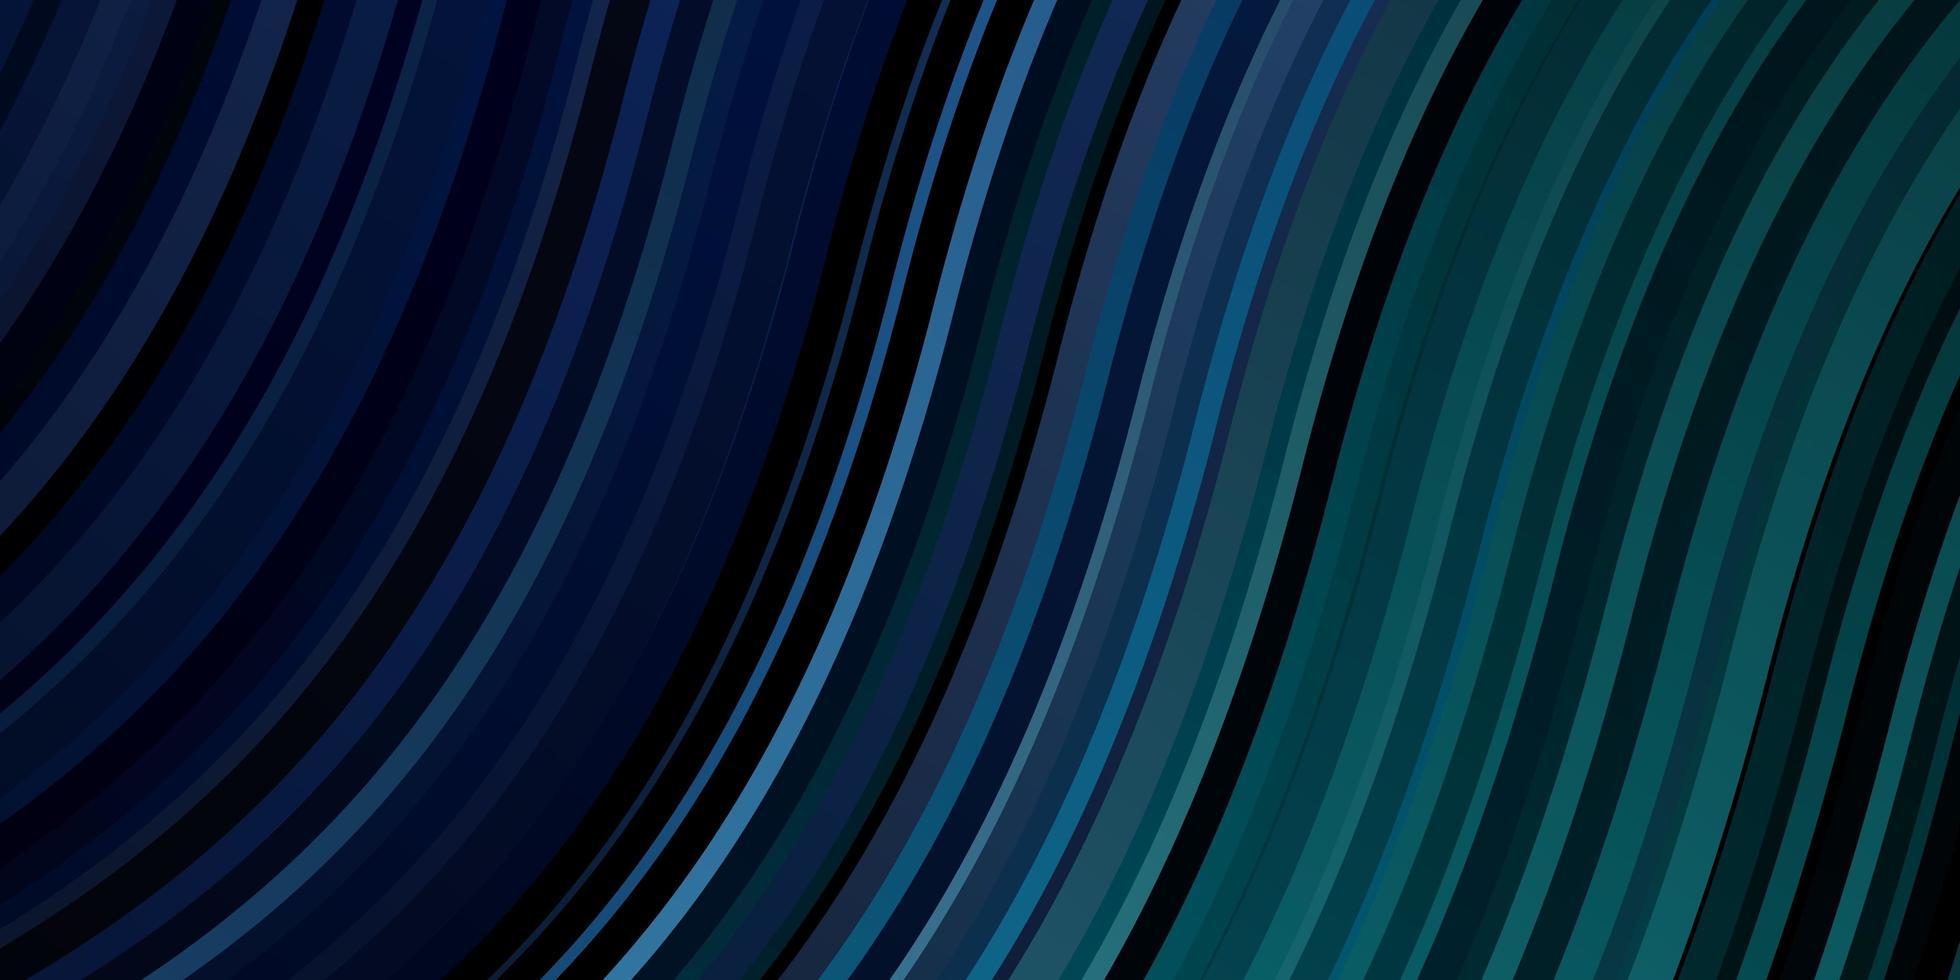 layout de vetor azul e verde escuro com linhas irônicas.